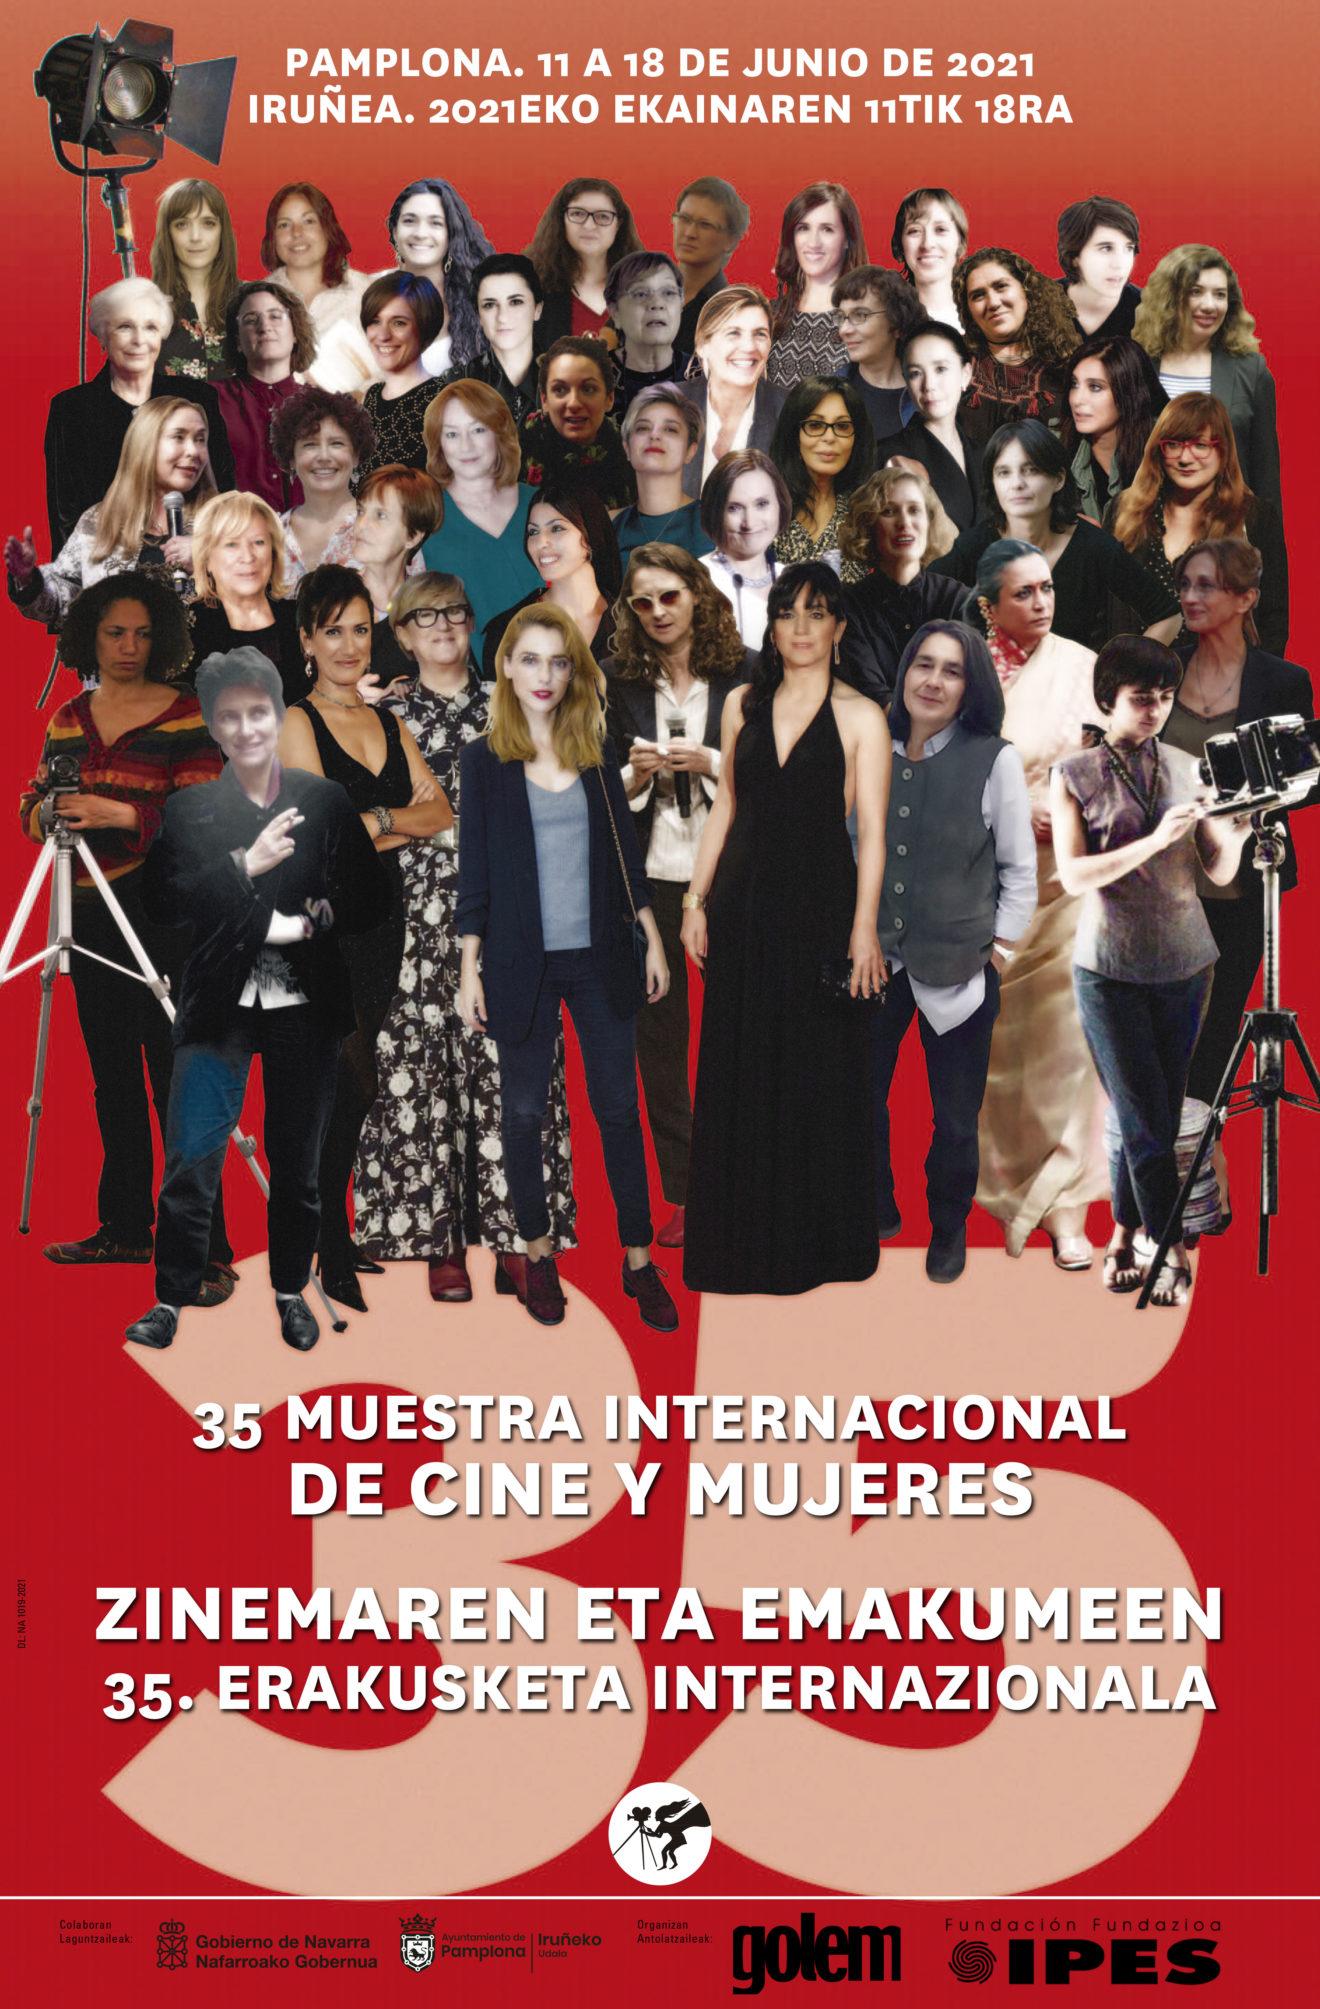 35 edición Muestra Internacional de Cine y Mujeres de Pamplona